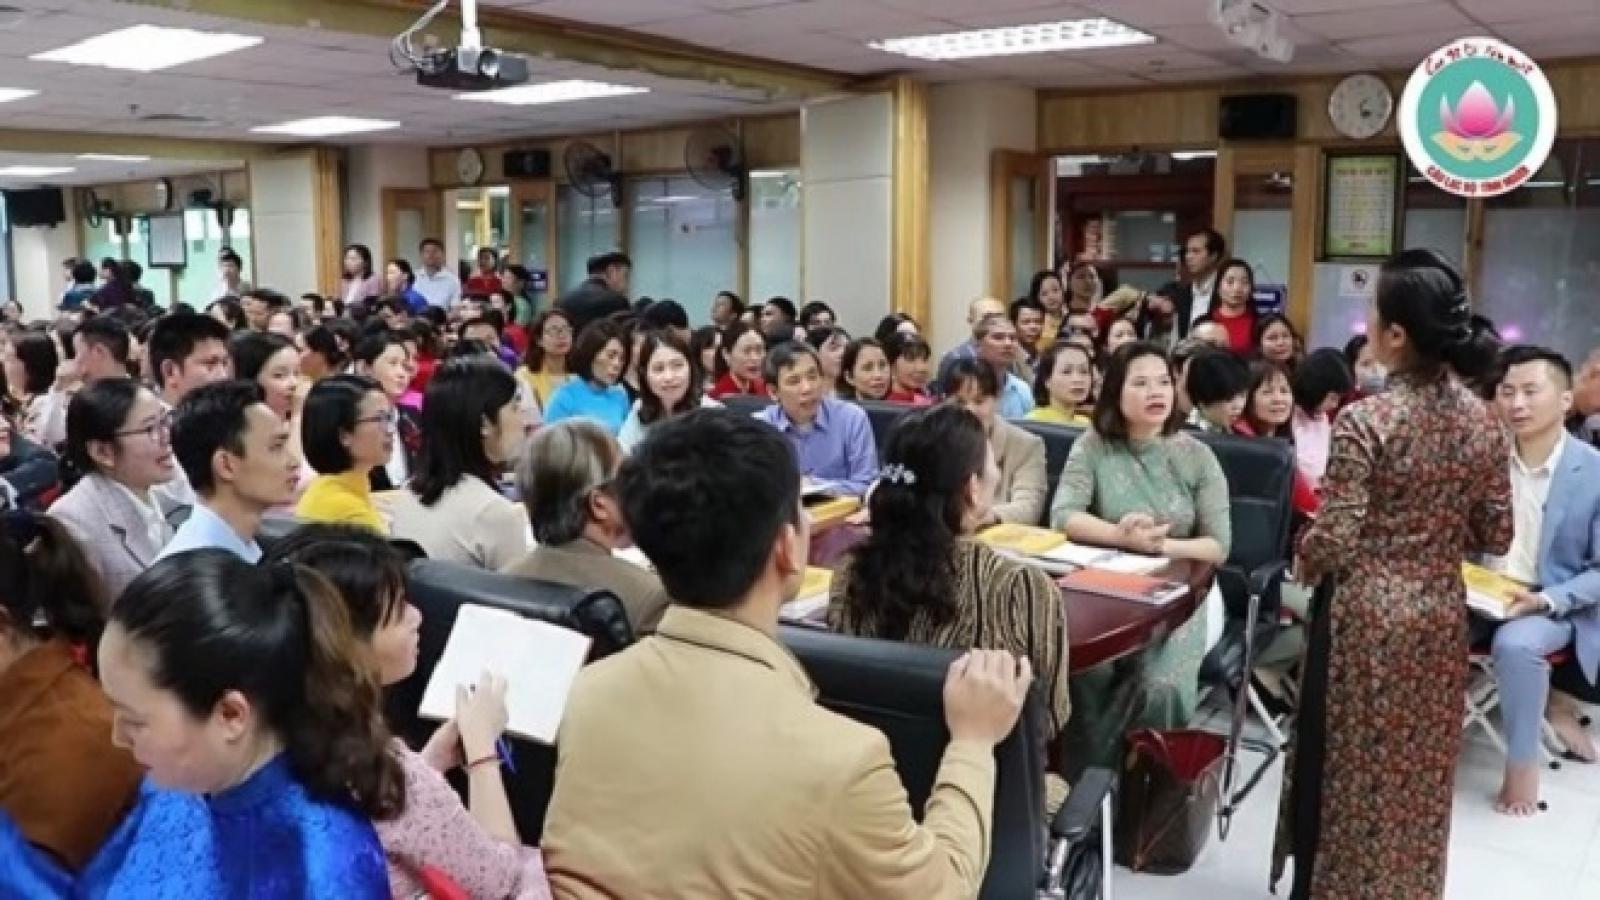 Bộ Công an mở rộng rà soát hoạt động của CLB Tình người ở các tỉnh, thành